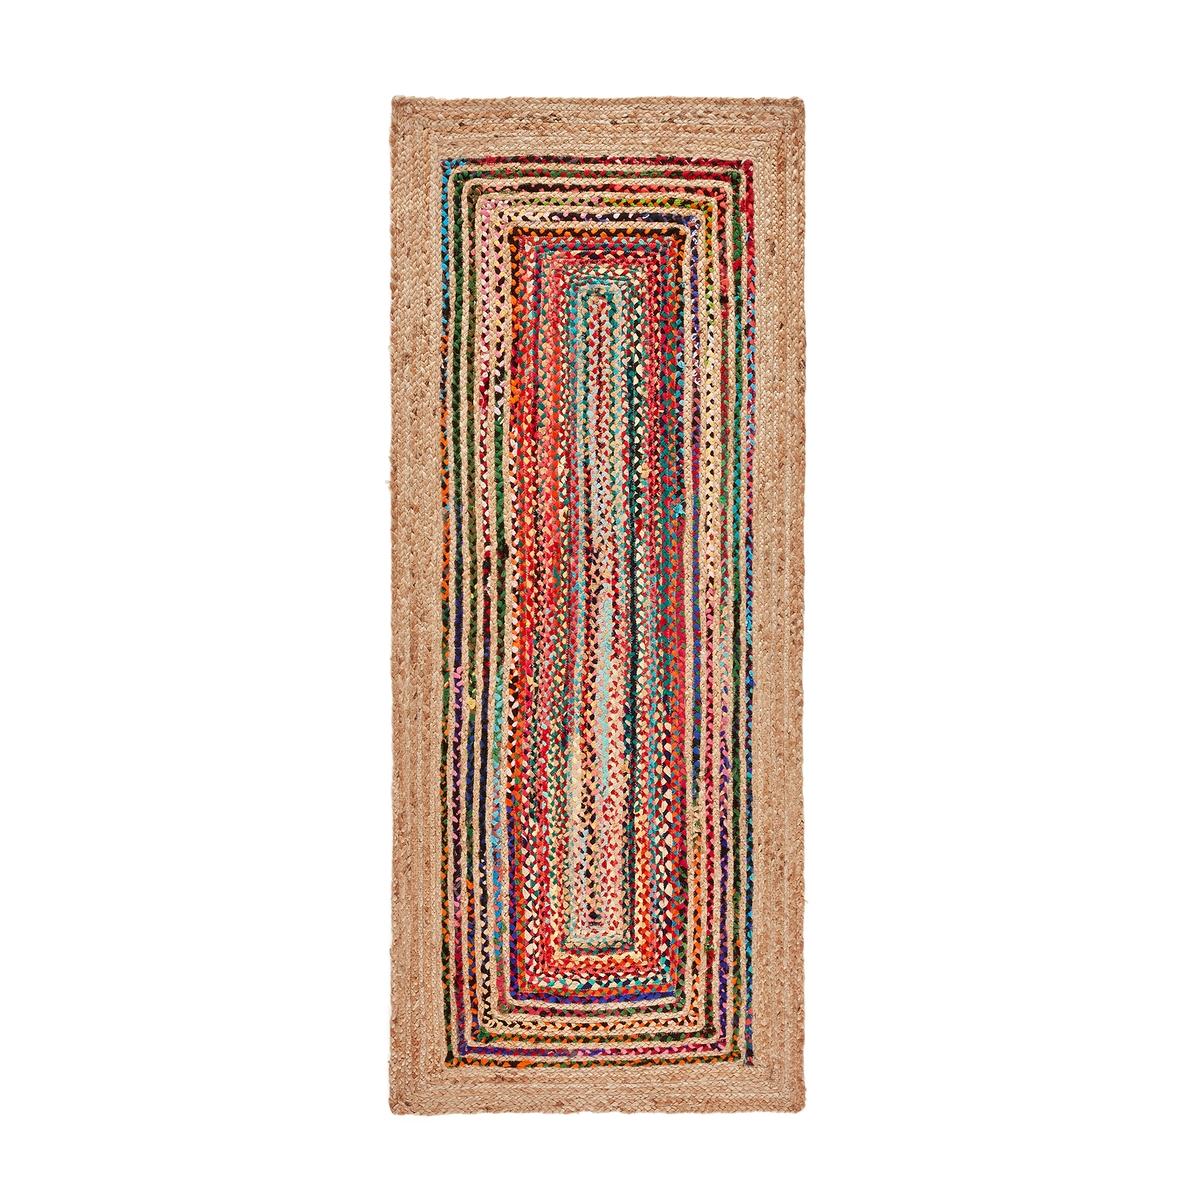 Дорожка La Redoute Ковровая для коридора из джута и хлопка Jaco 80 x 200 см разноцветный стоимость